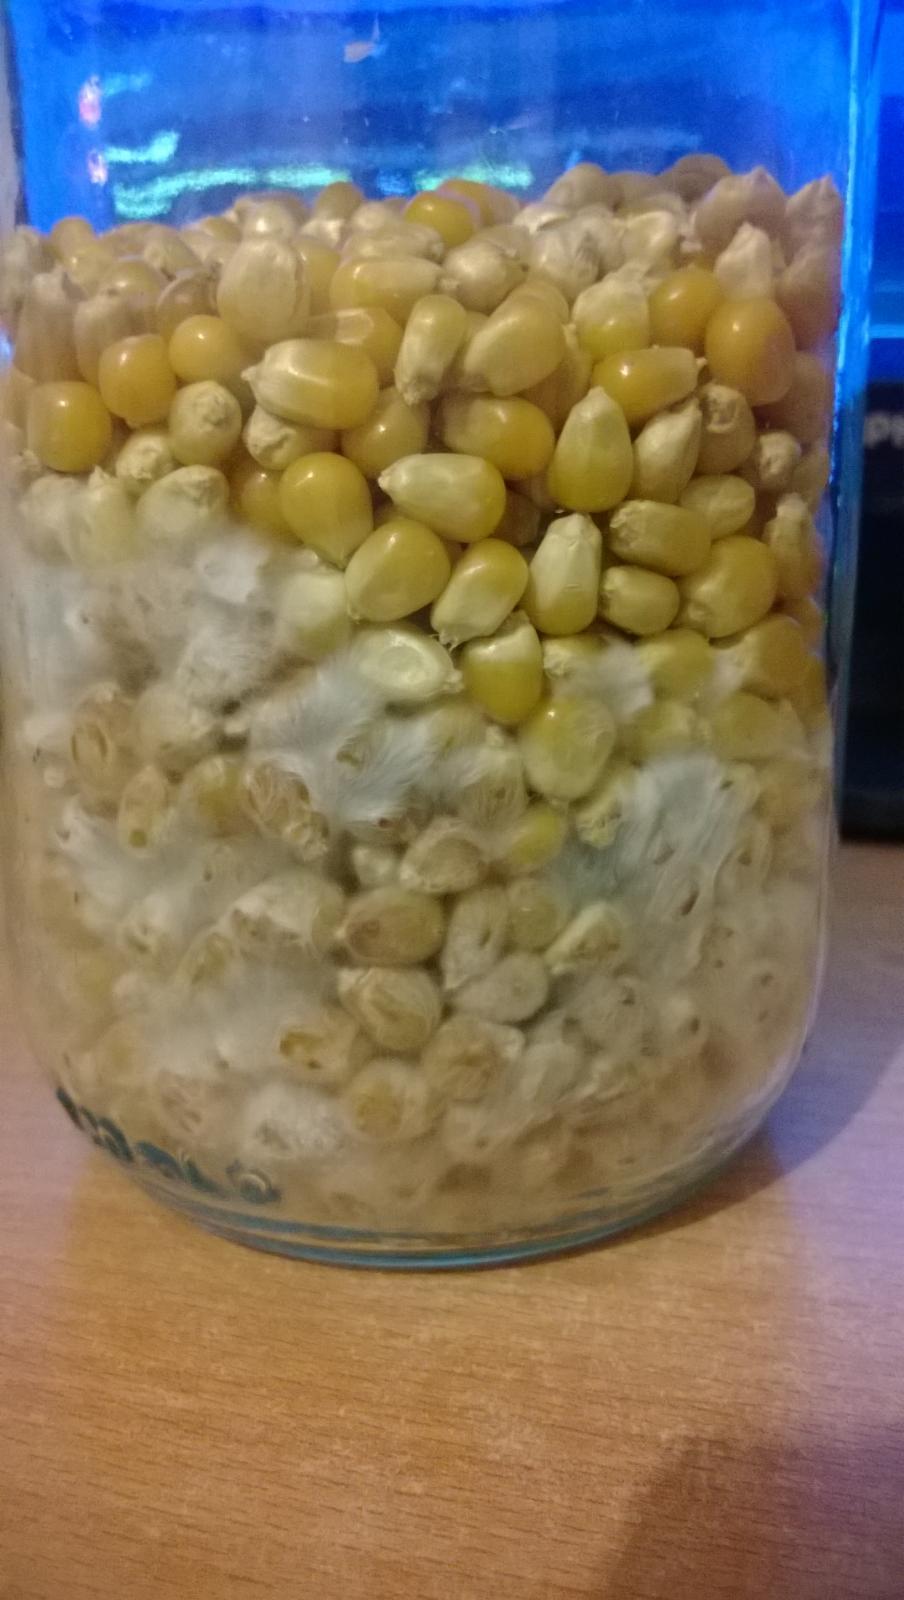 Corn mycelium blueing - Fungi: Magic Mushrooms - Mycotopia